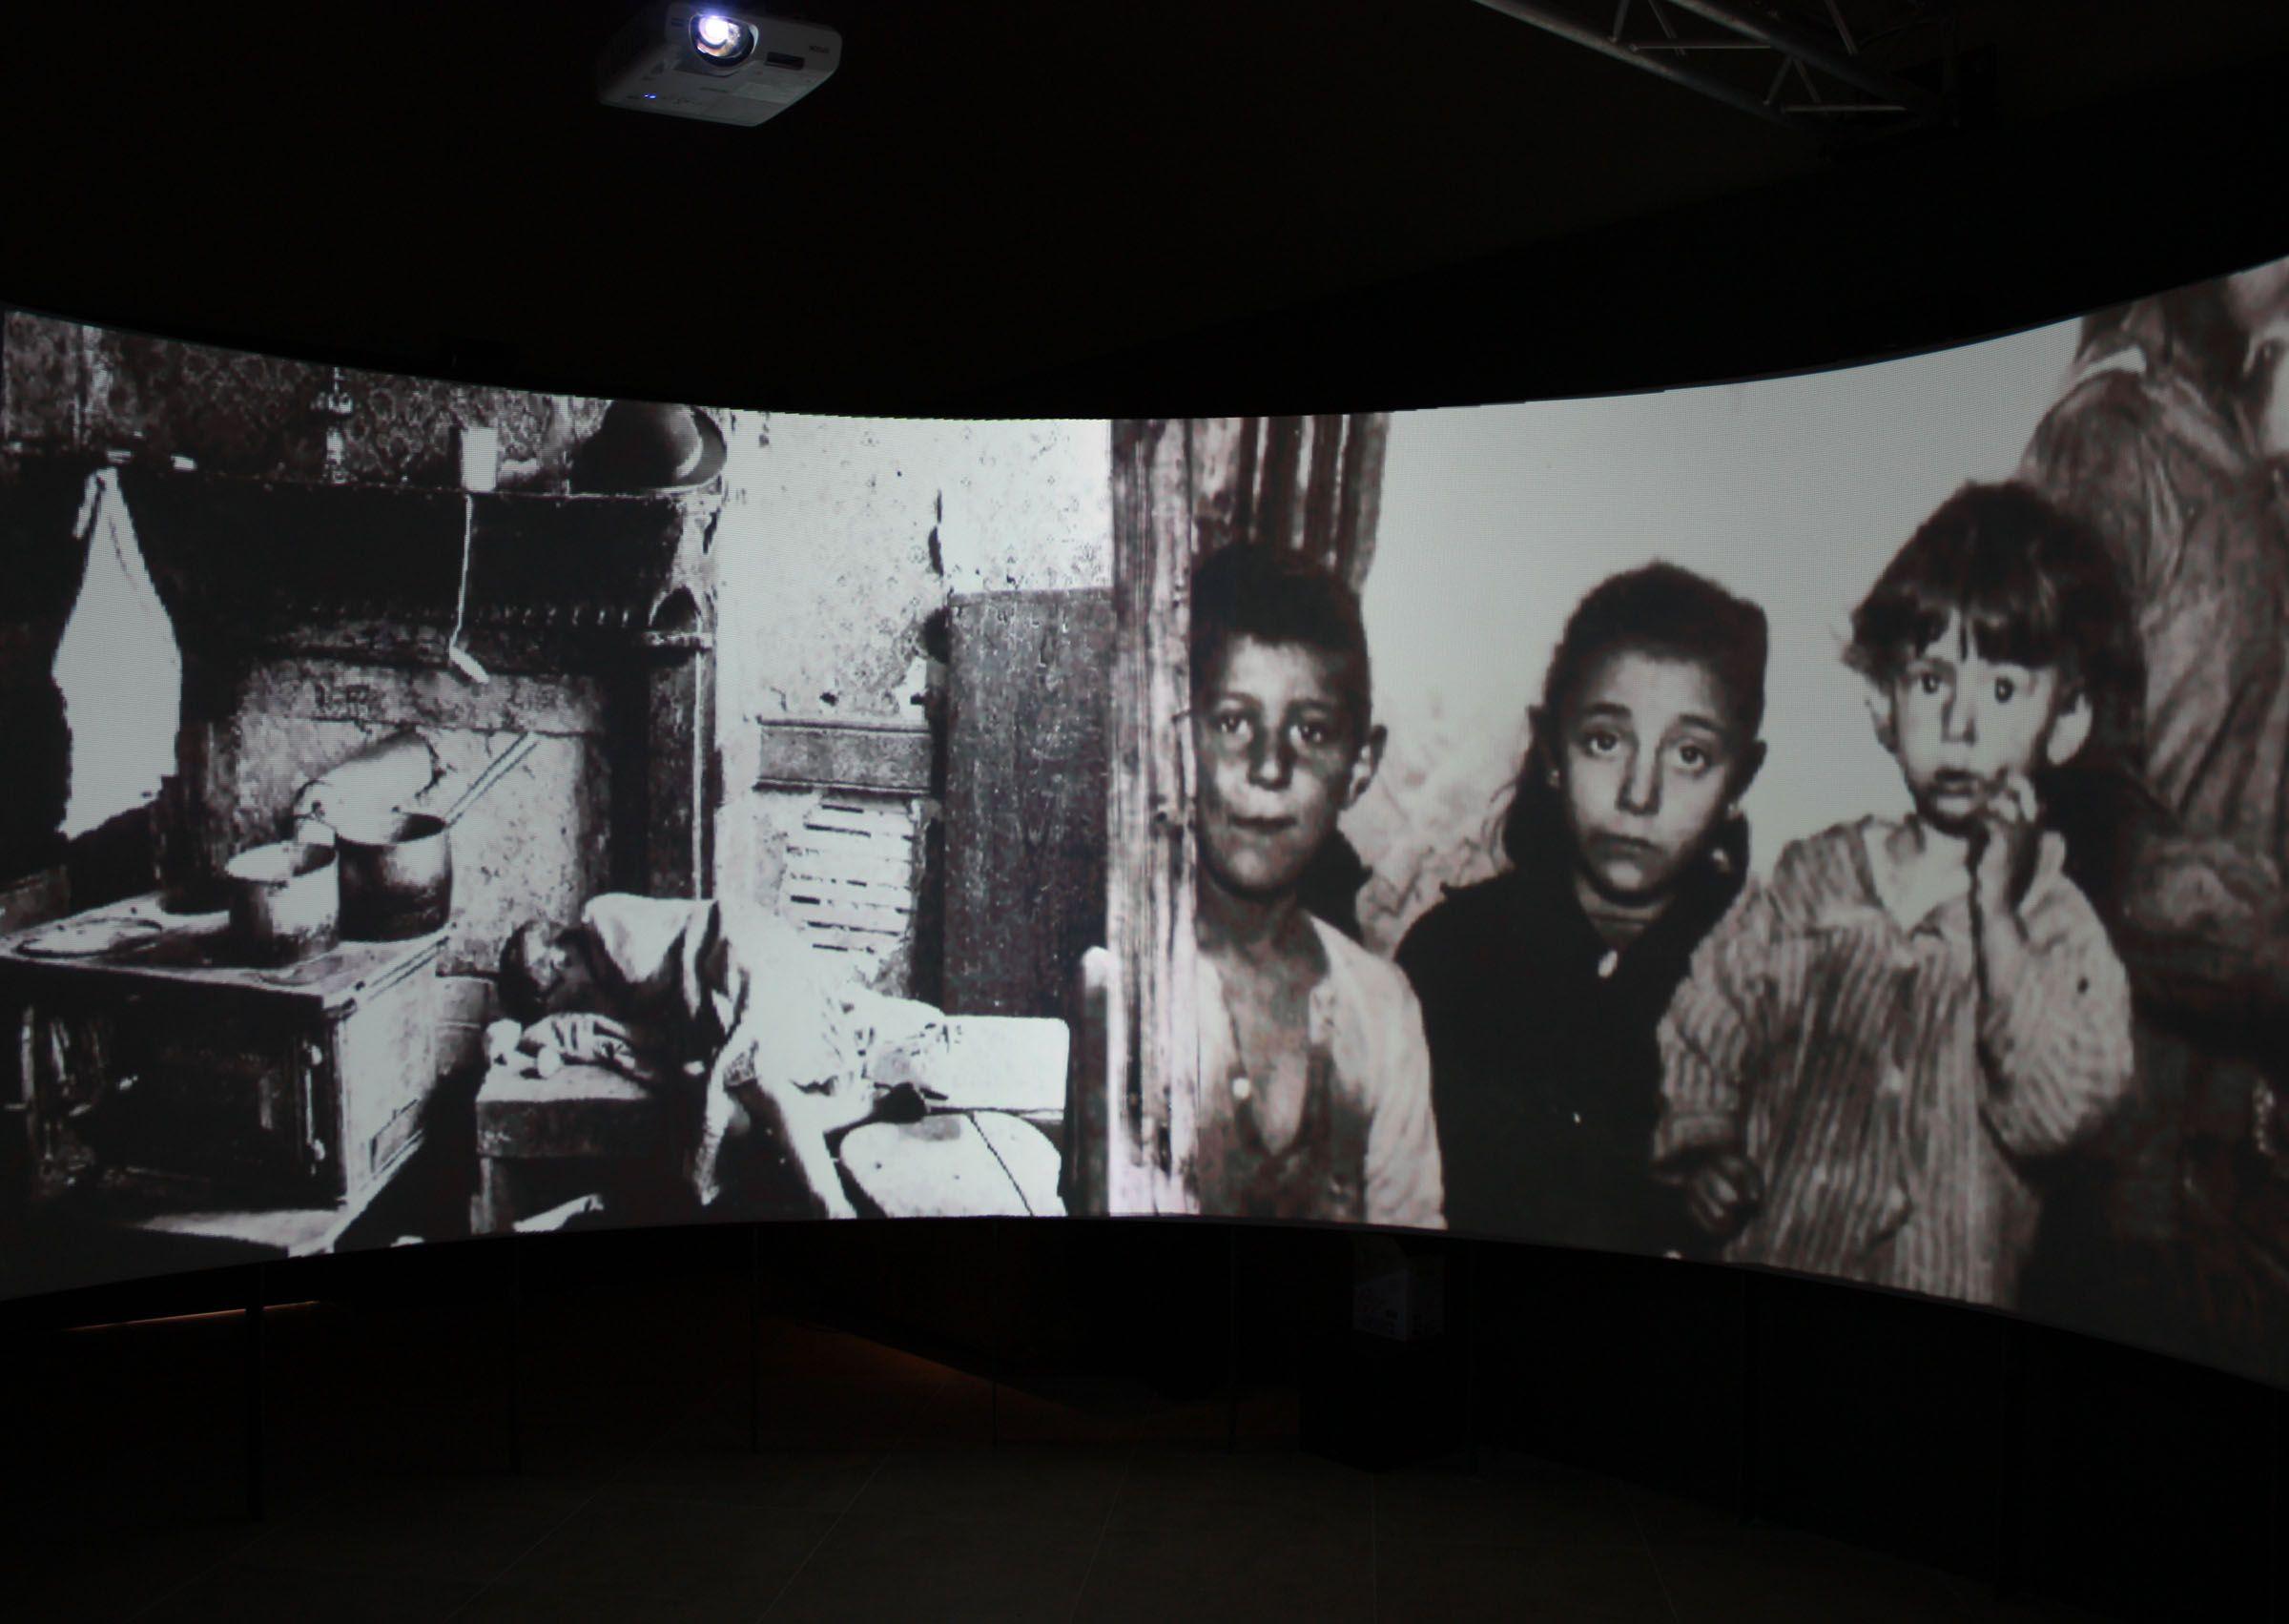 L'esperienza migratoria a 360 gradi. Apre il prezioso museo MES a Piacenza